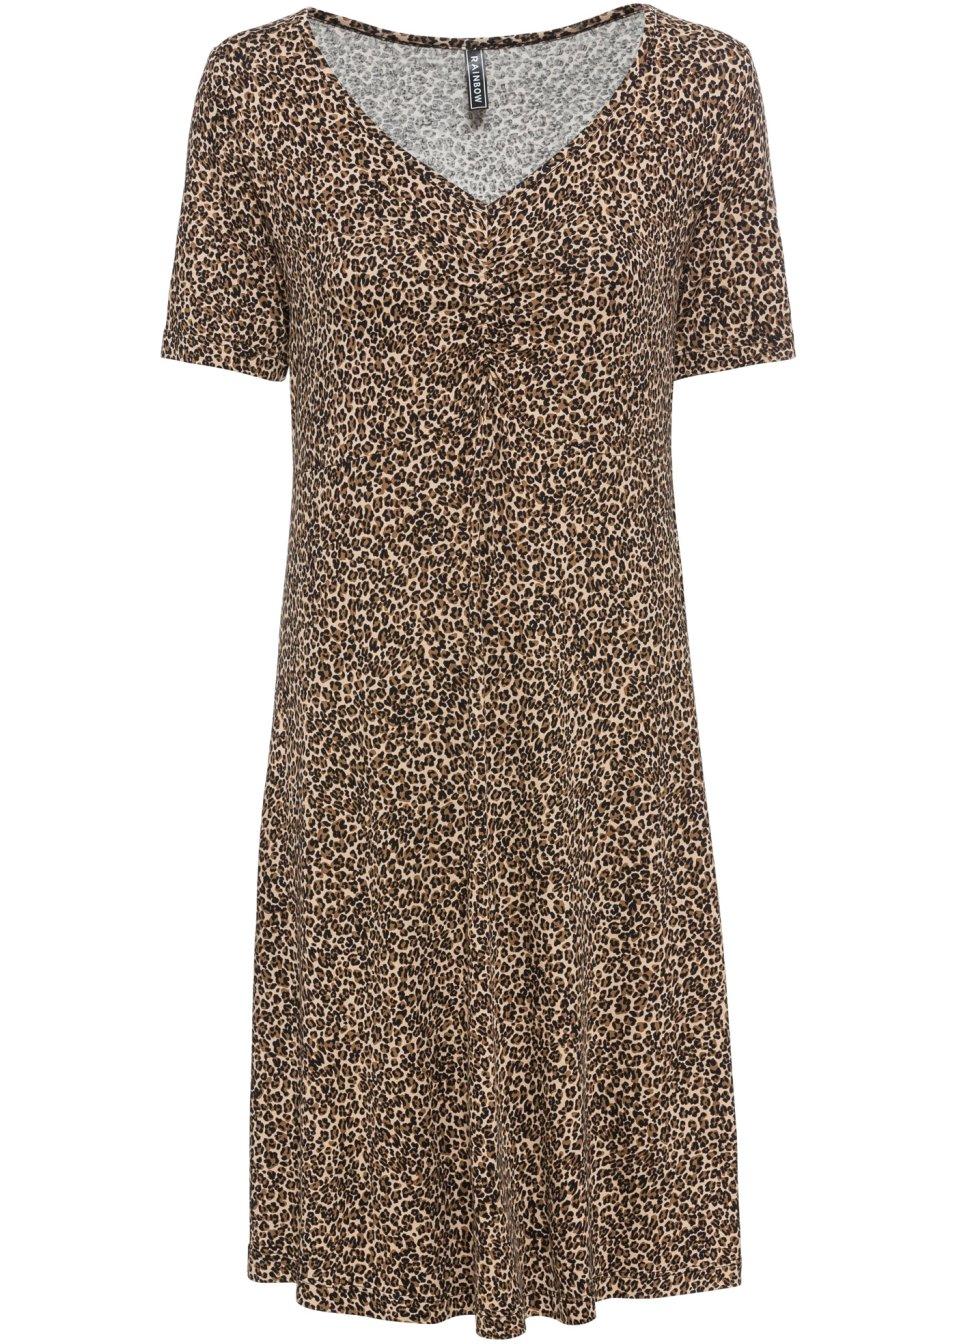 Angesagtes Kleid mit Leodruck - braun leo bedruckt NanIm XmphV